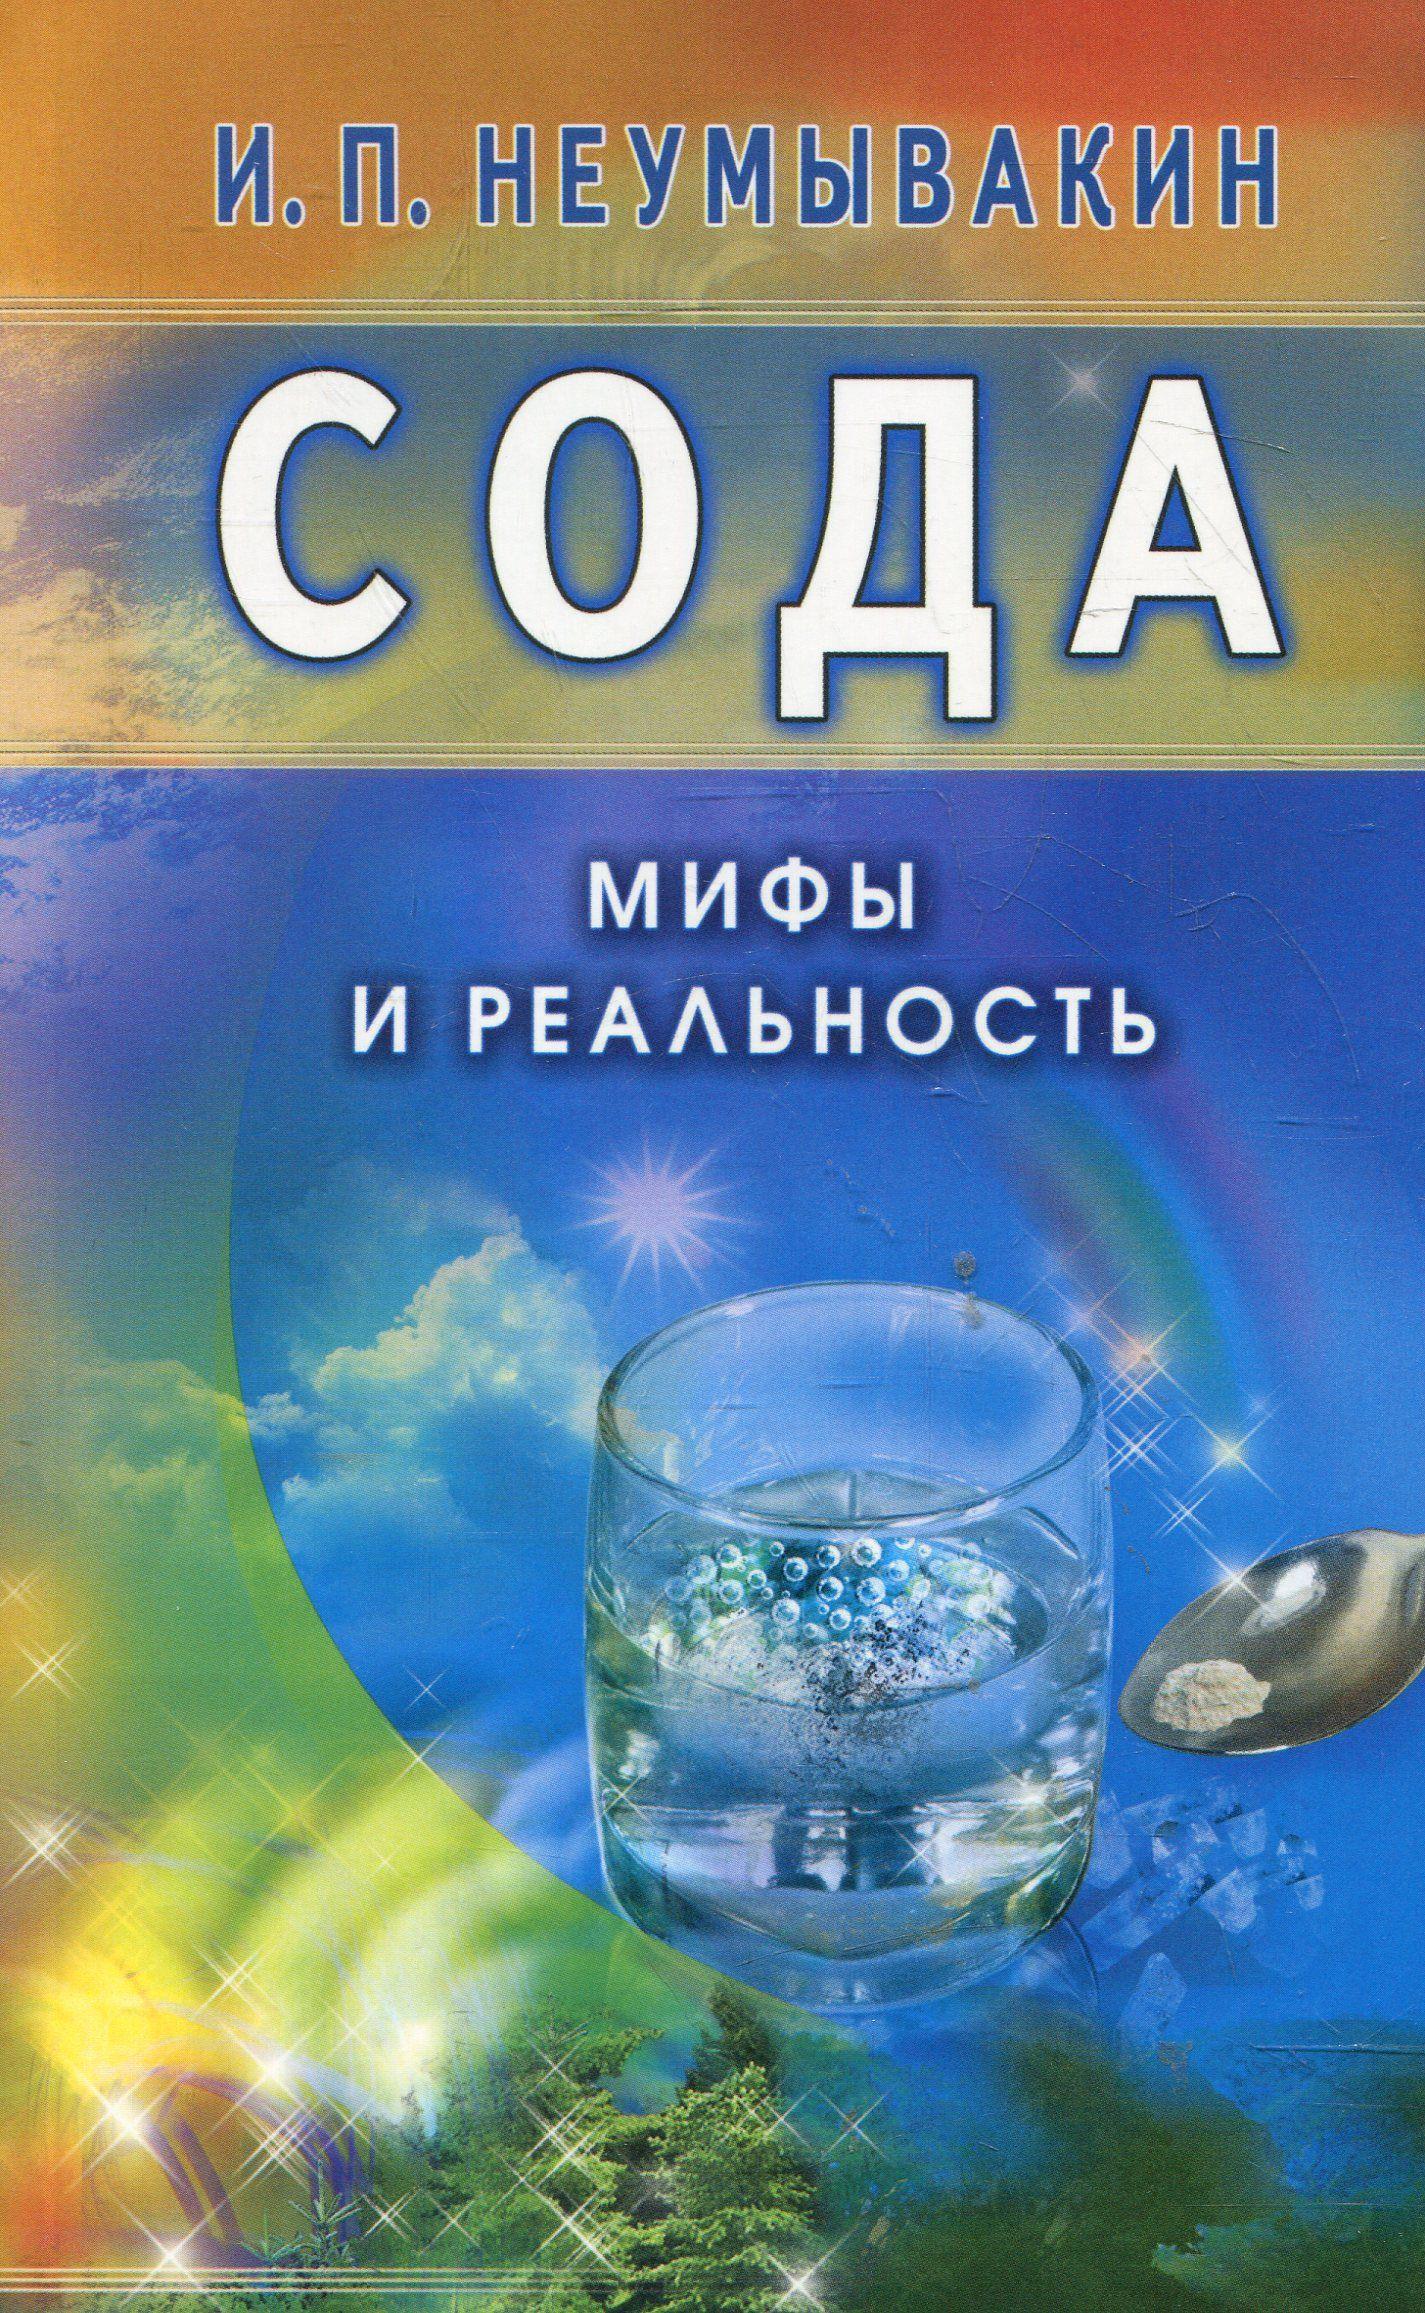 Неумывакин вода книги скачать бесплатно | Книги, Медицина ...